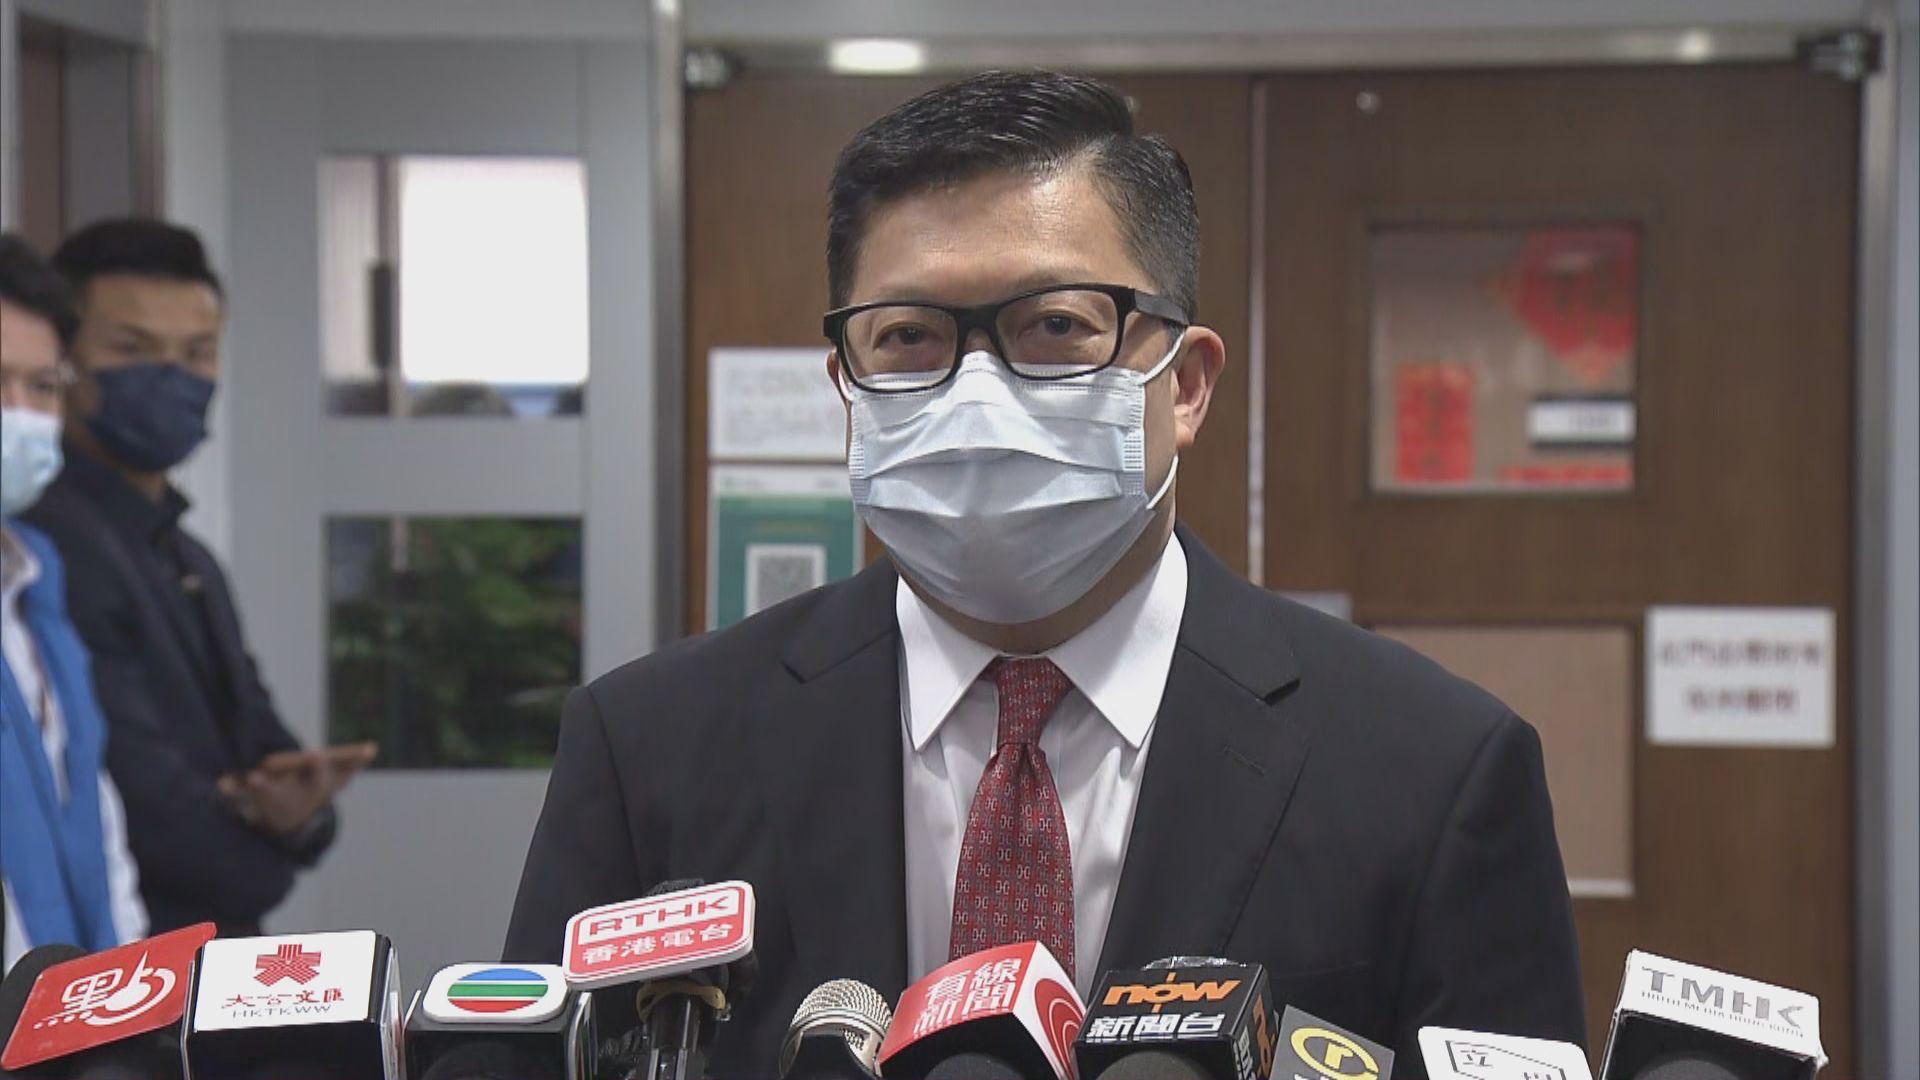 鄧炳強:一定處理引致國家安全罪行的假新聞